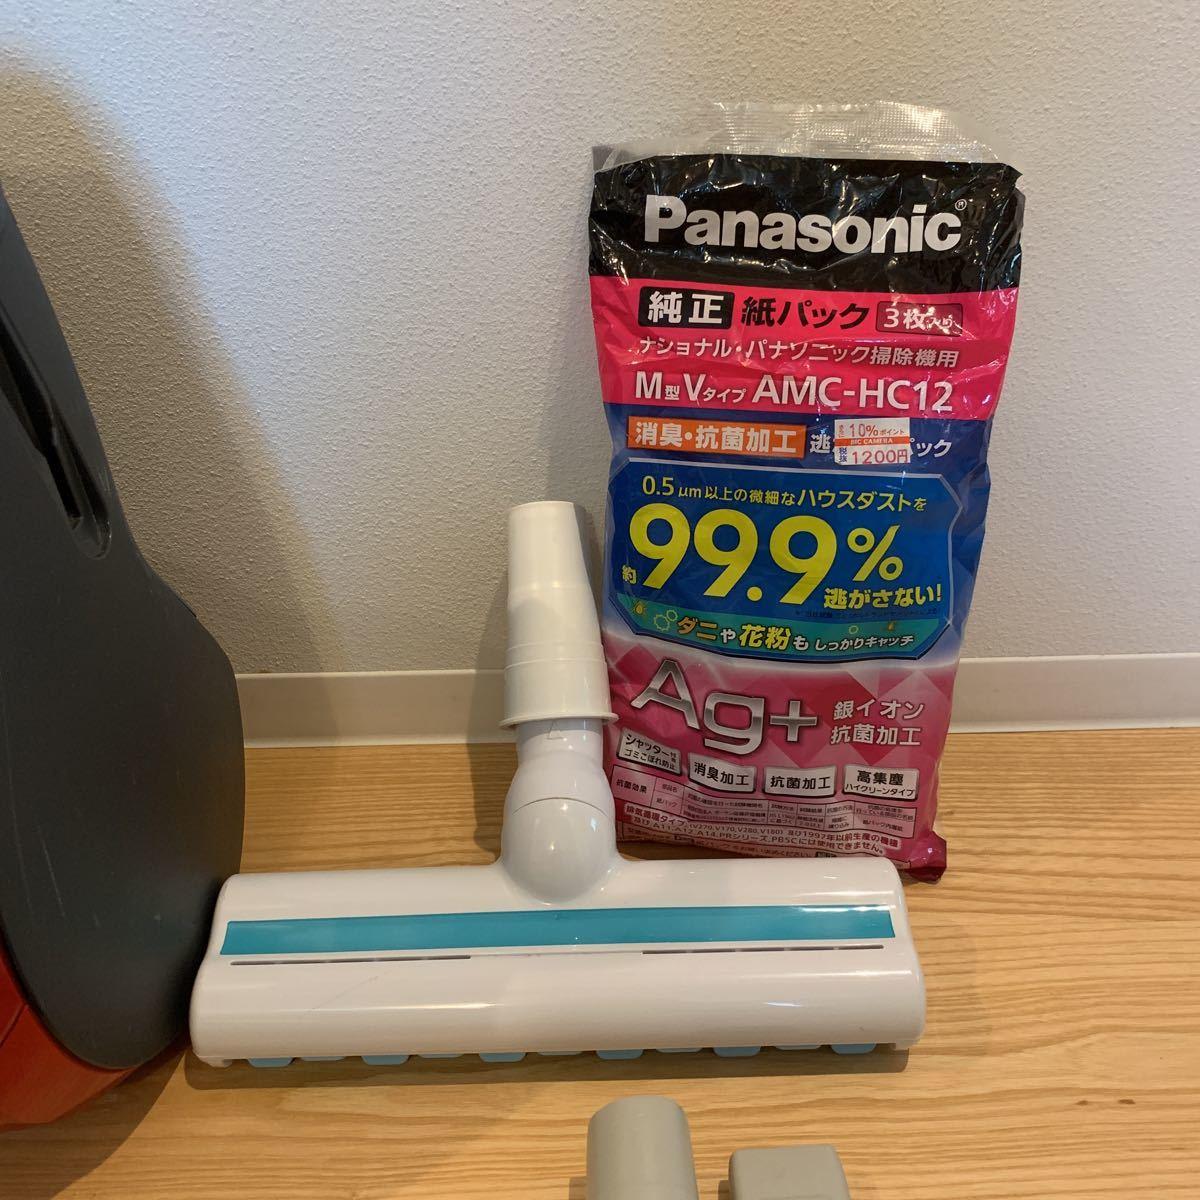 送料無料 中古 パナソニック 紙パック式掃除機 Panasonic 電気掃除機 最上位機種 MC-PA330GX おまけ付き 完動品 2014年式 _画像6